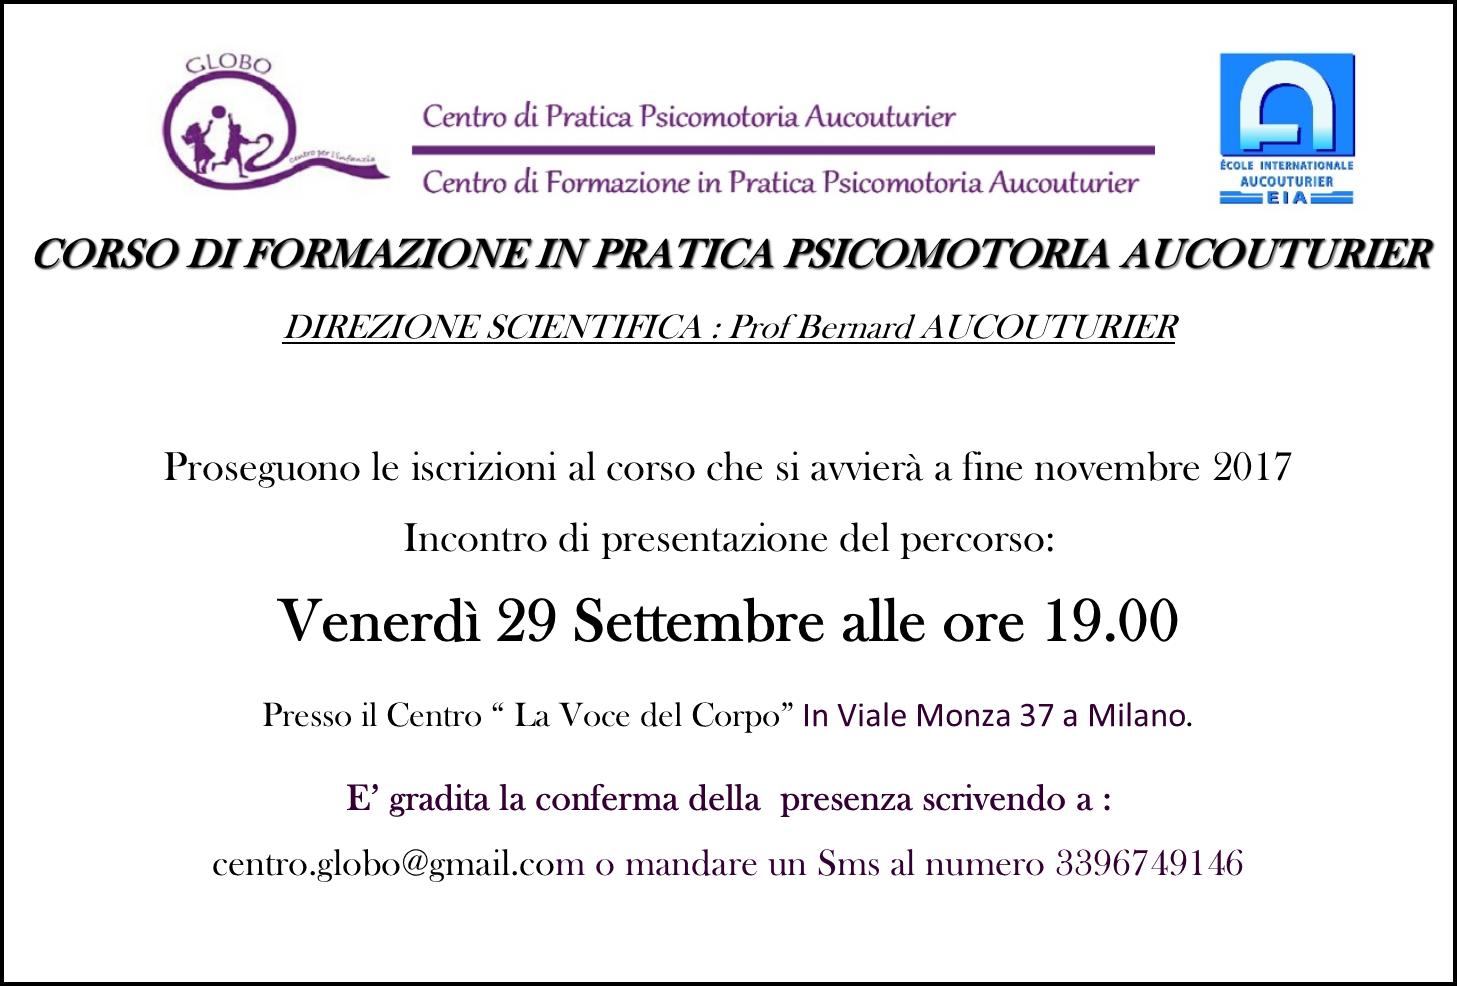 29 Settembre 2017 – Presentazione del corso a Milano